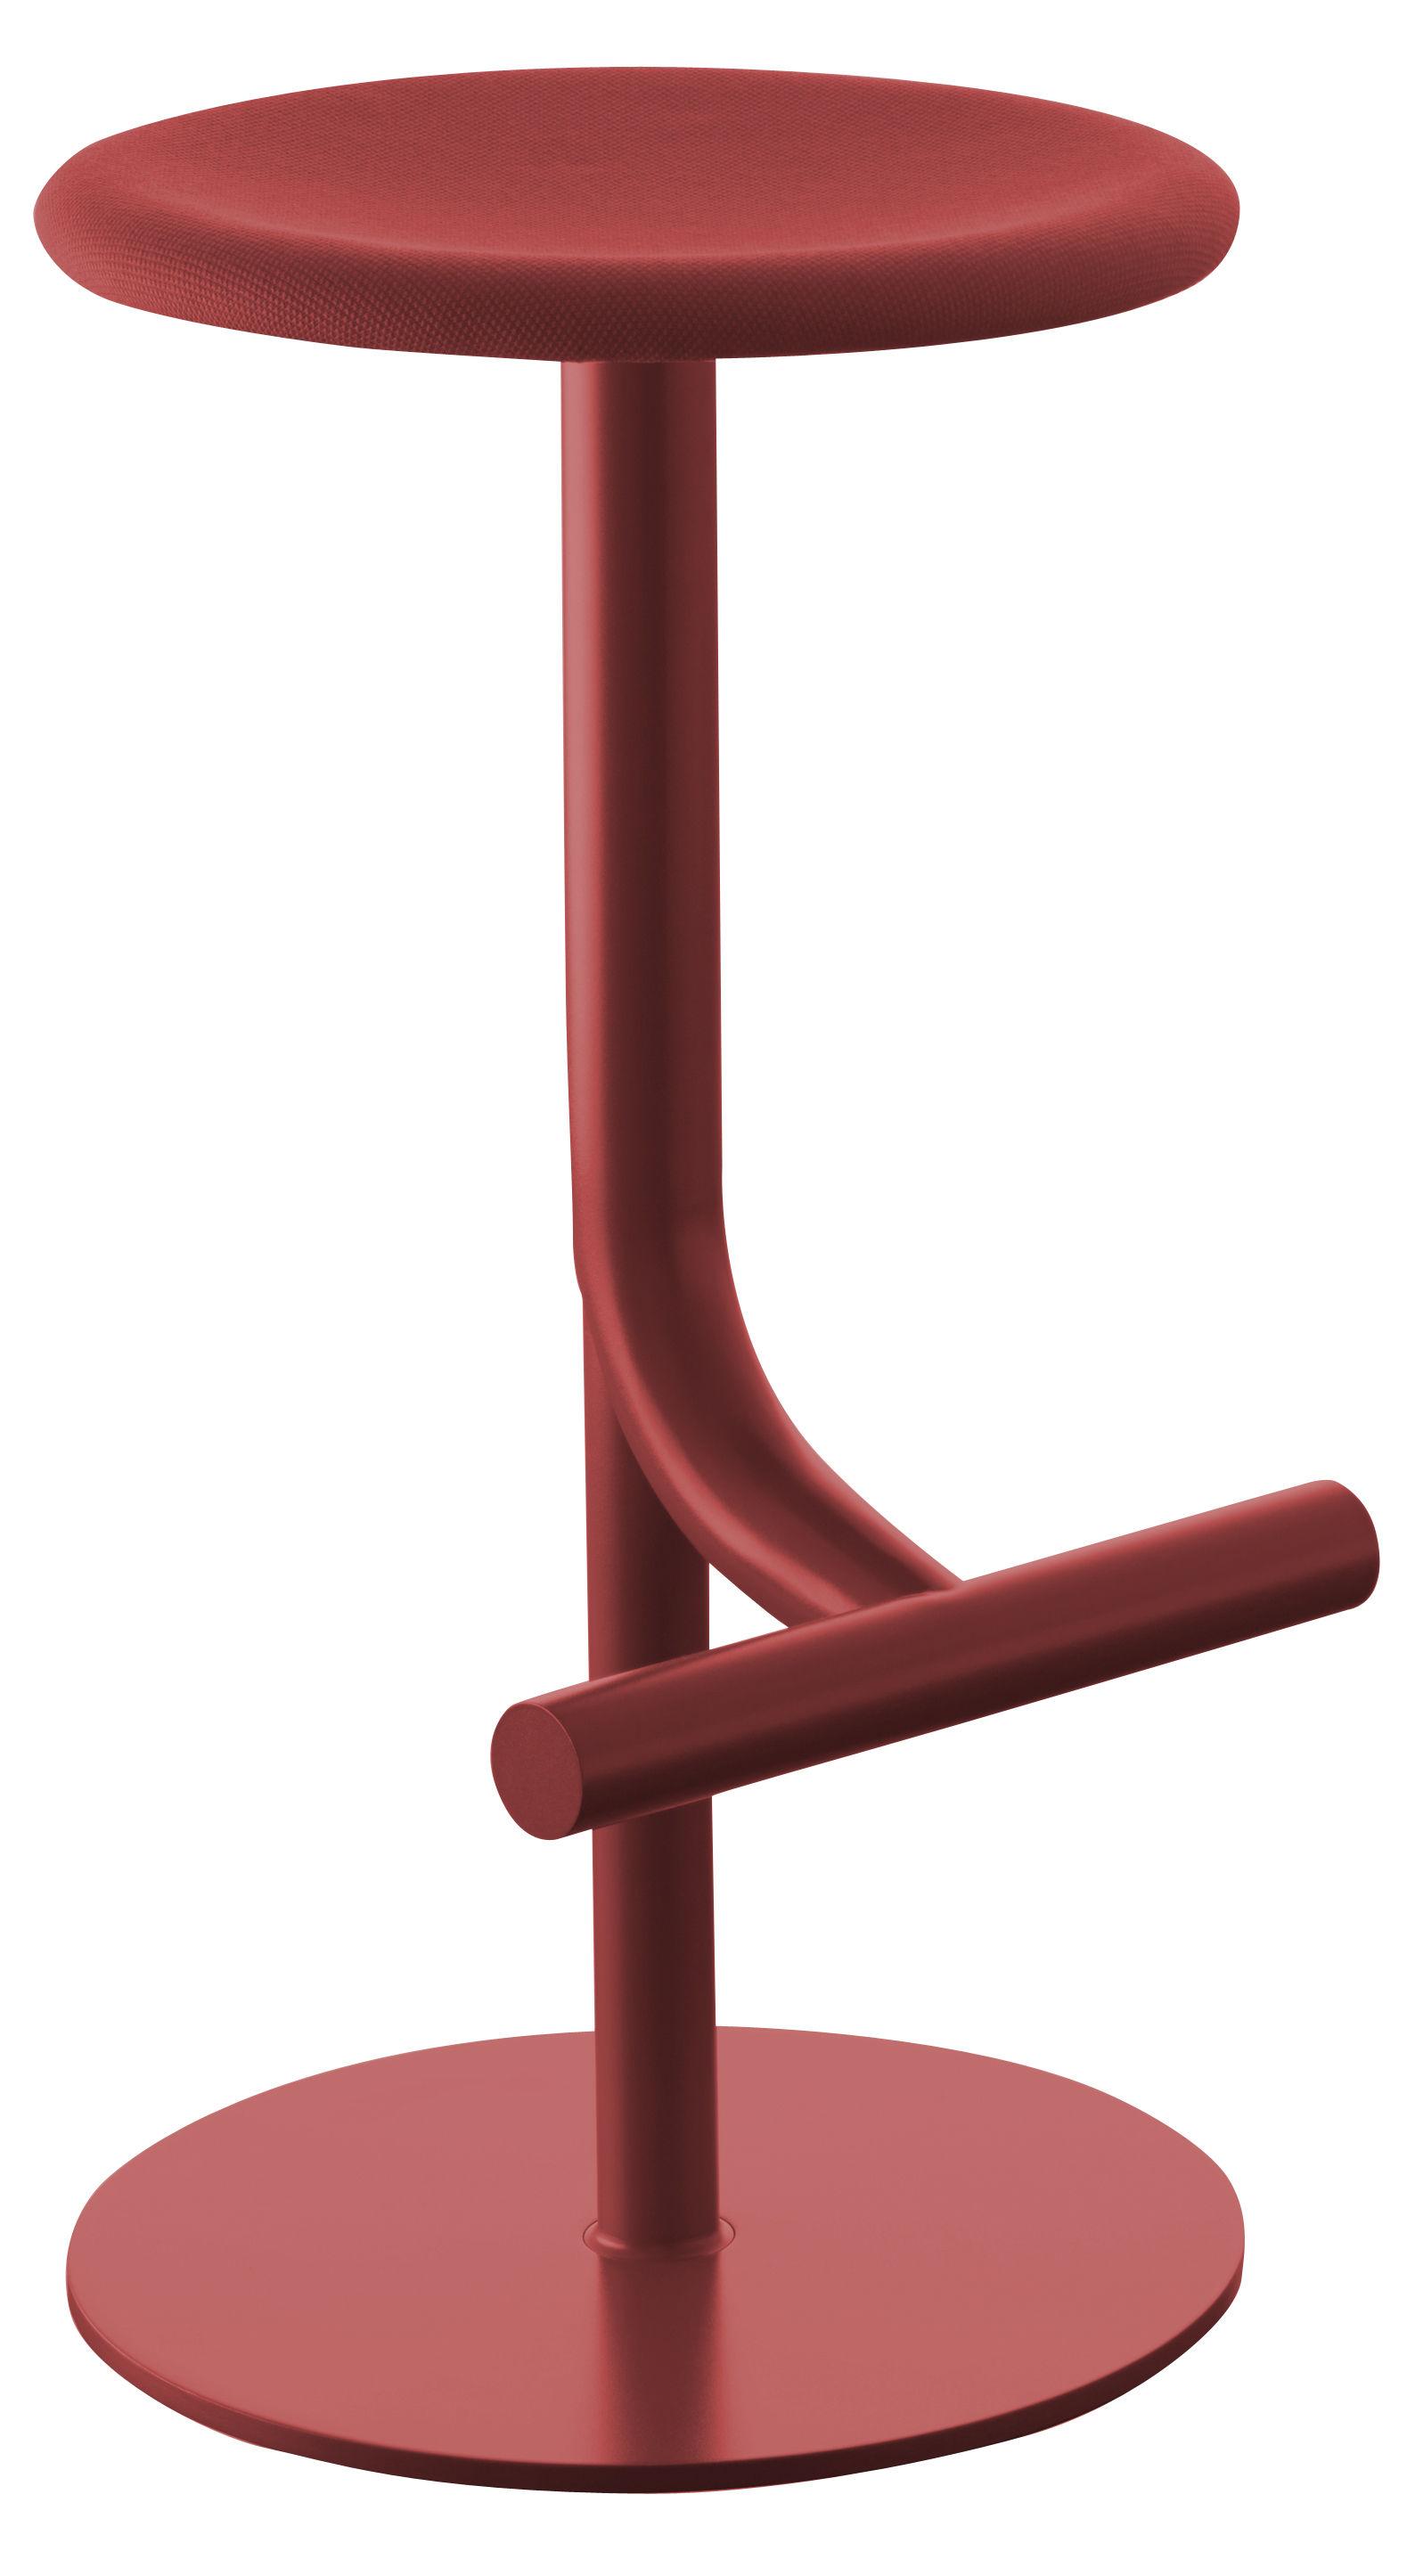 Arredamento - Sgabelli da bar  - Sgabello alto regolabile Tibu - /Altezza regolabile da 60 a 77 cm - Seduta in tessuto di Magis - Rosso scuro - Acciaio verniciato, Tessuto Kvadrat